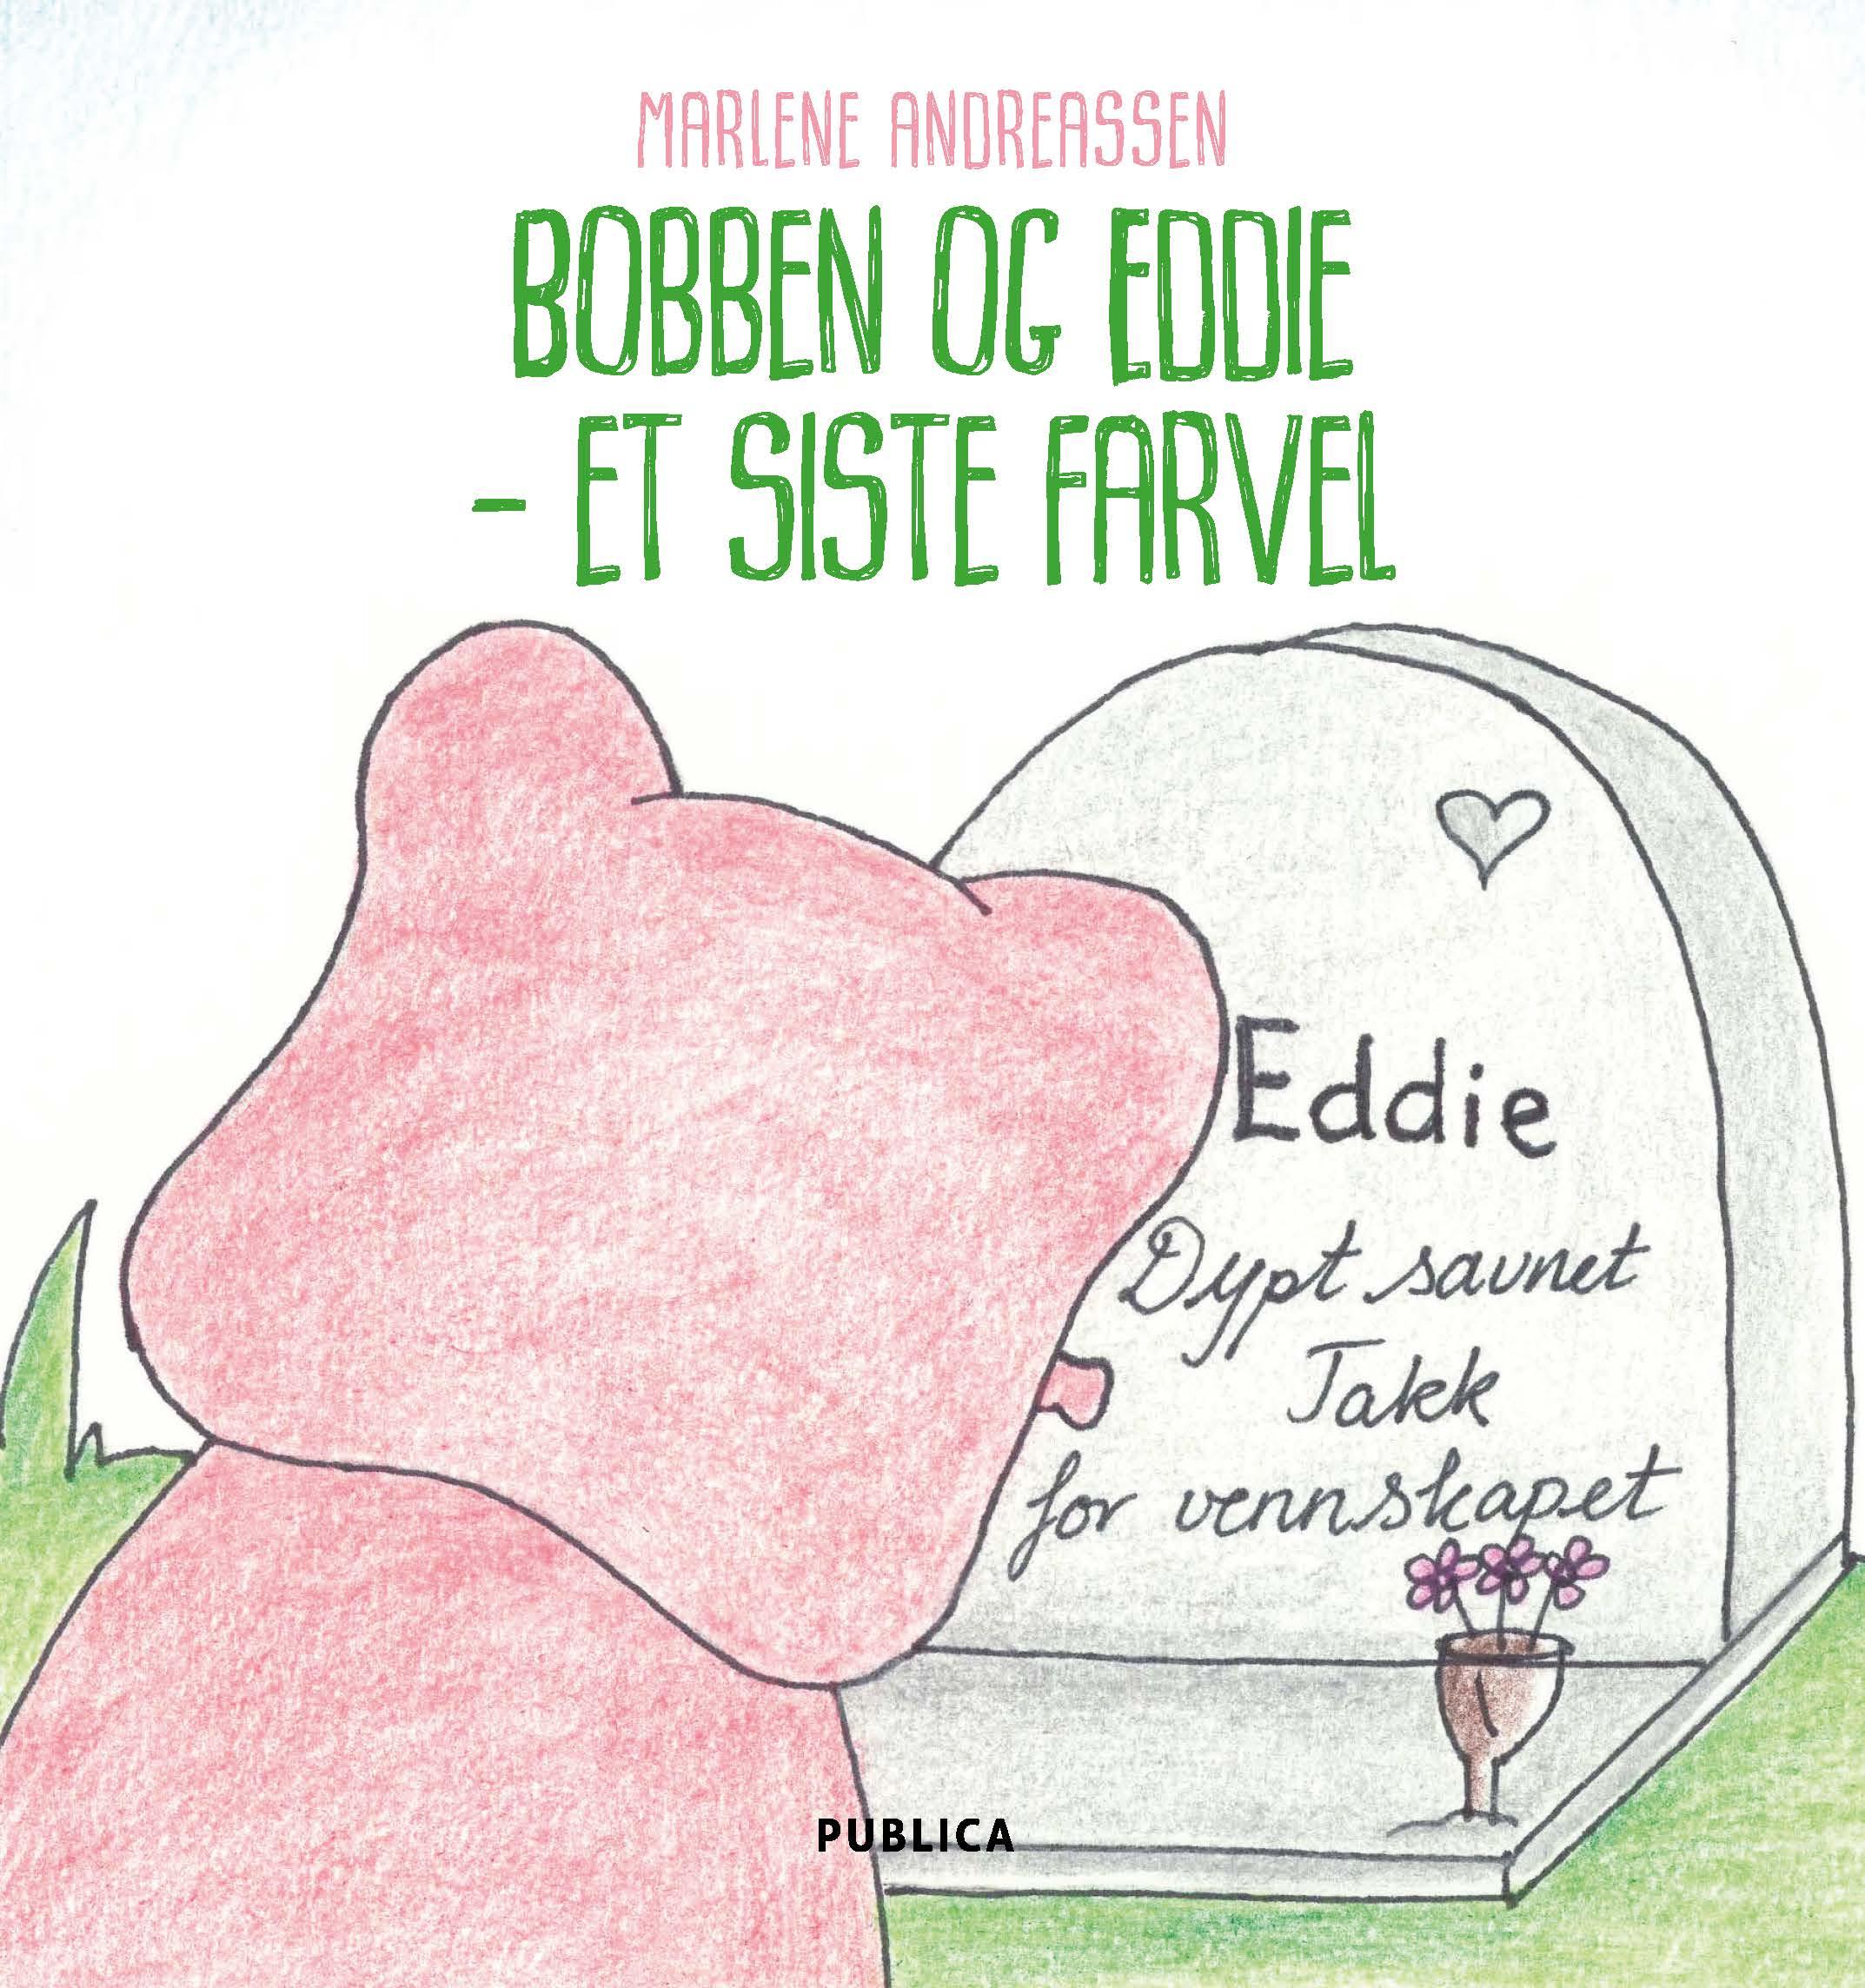 Bobben og Eddie - et siste farvel